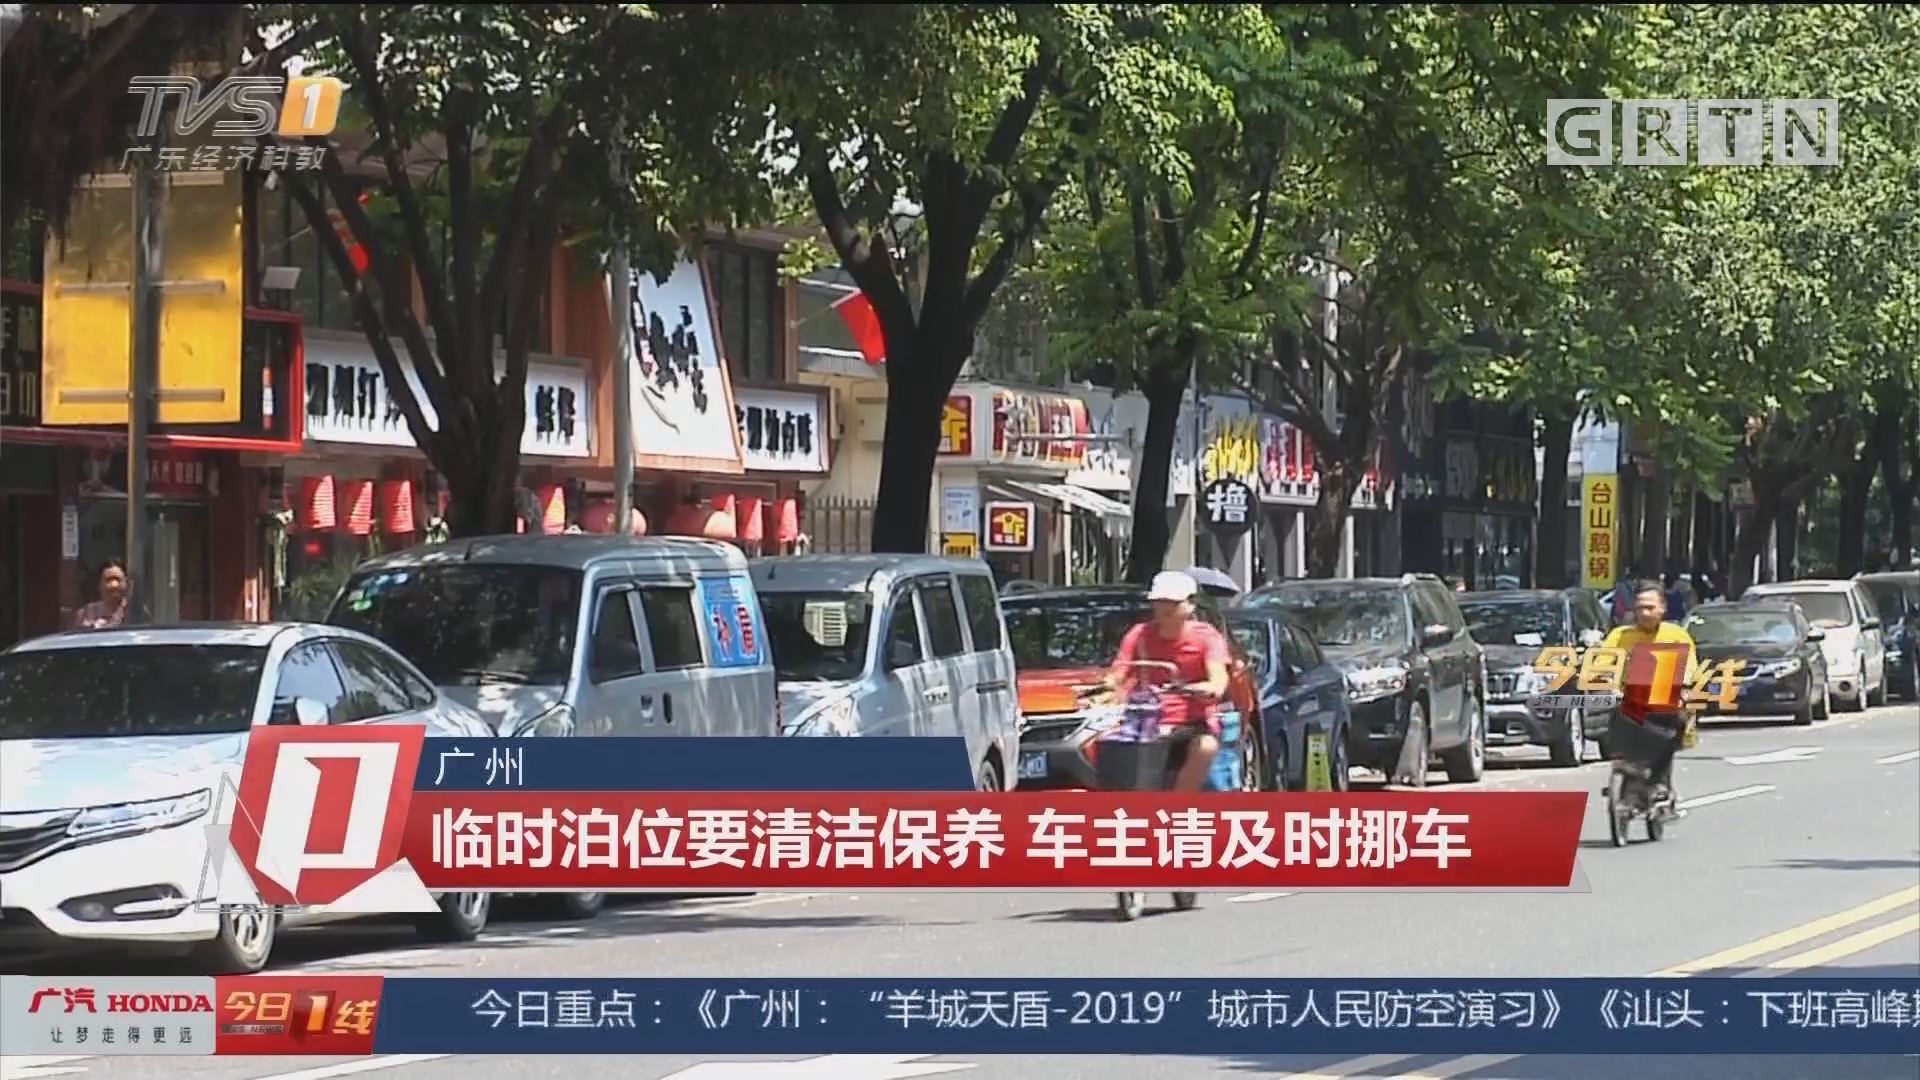 廣州:臨時泊位要清潔保養 車主請及時挪車